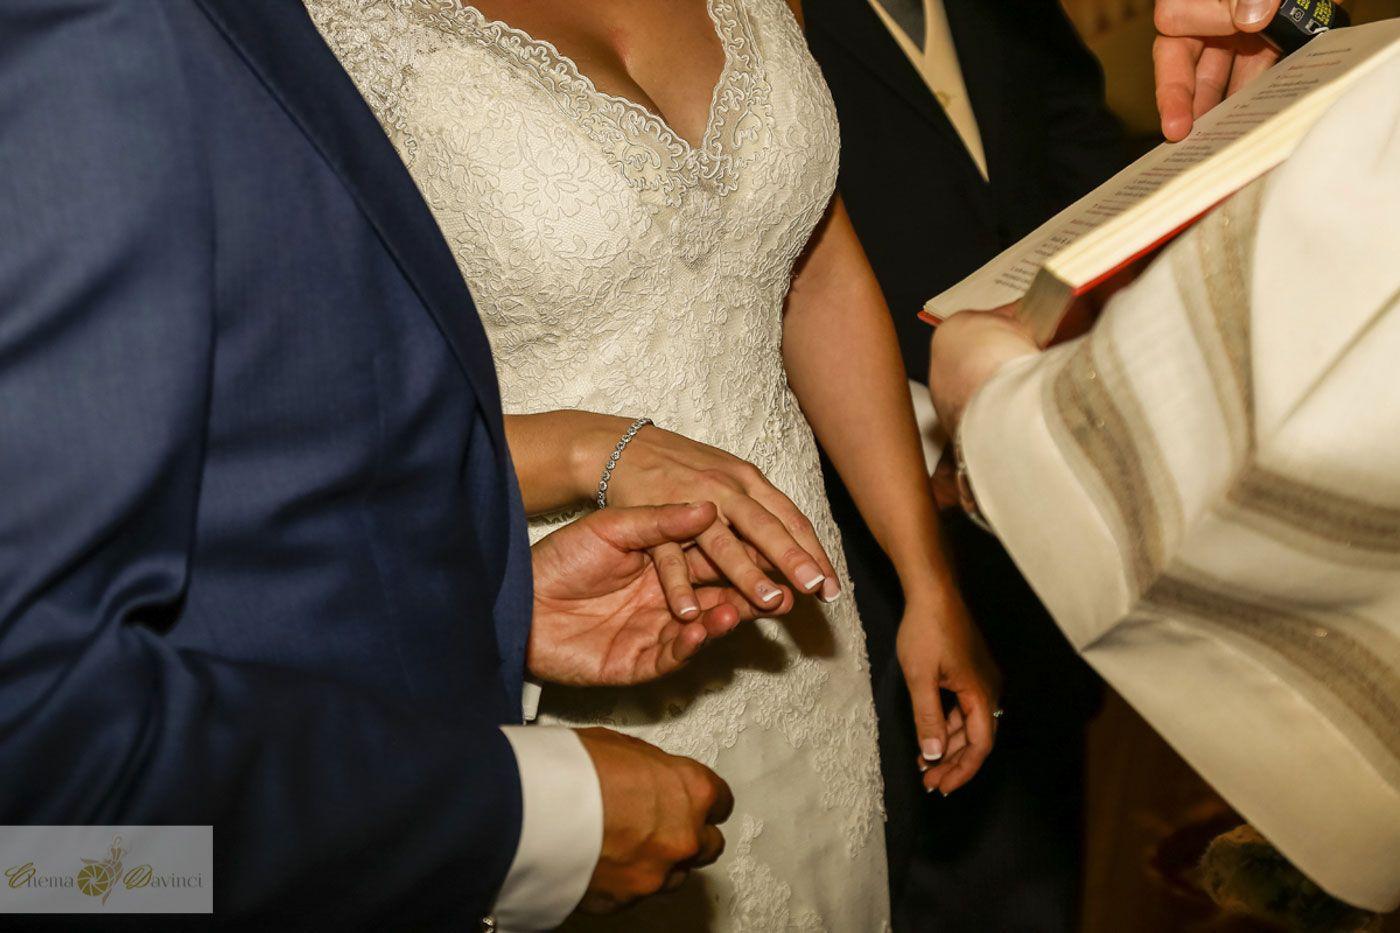 _MG_1032-iglesia-boda-lbertoypili-chemaydavinci-wb